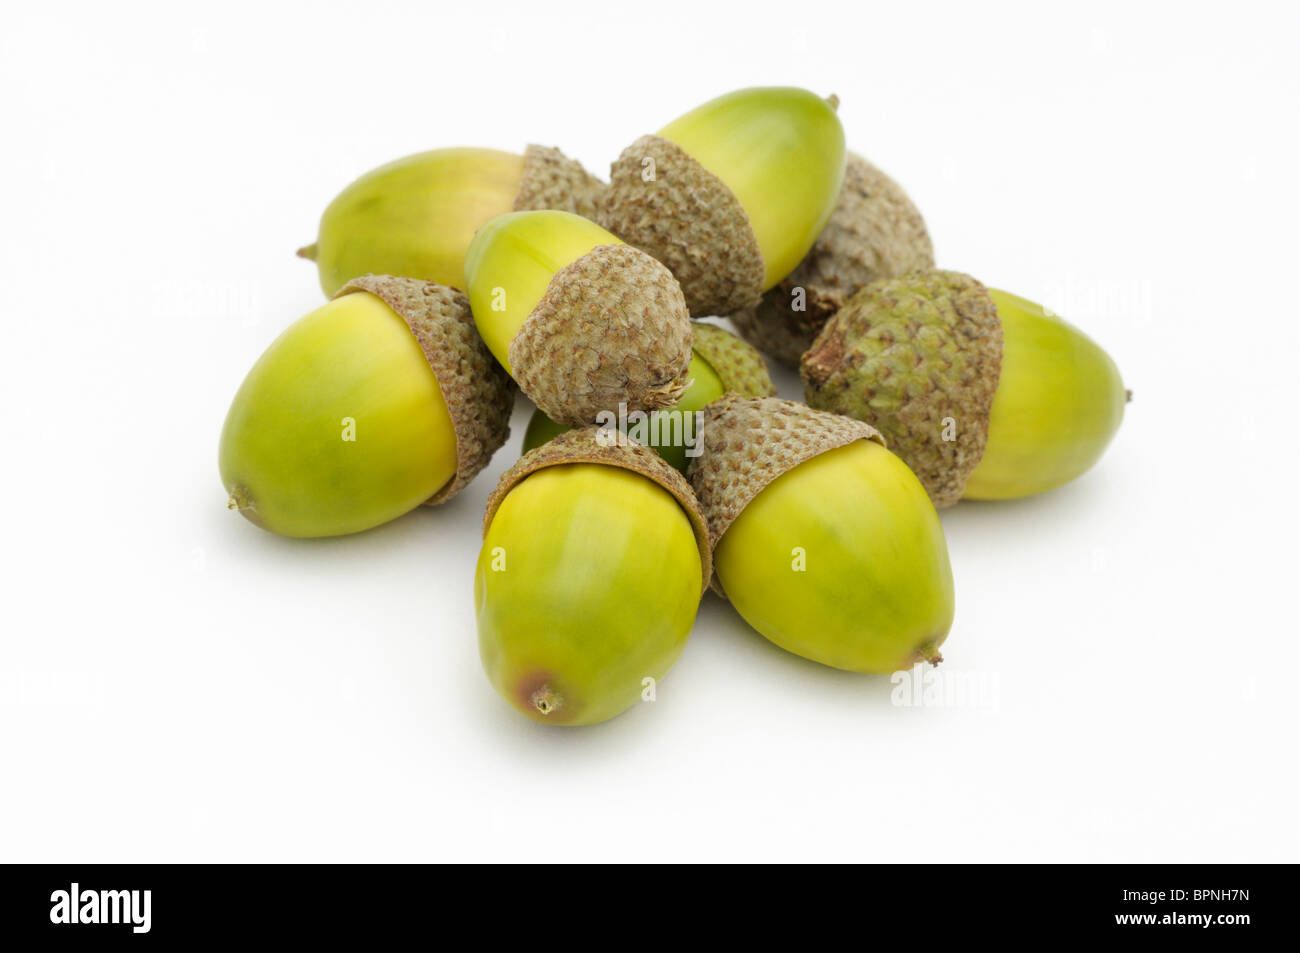 Pile acorns from chestnut oak, Quercus prinus - Stock Image